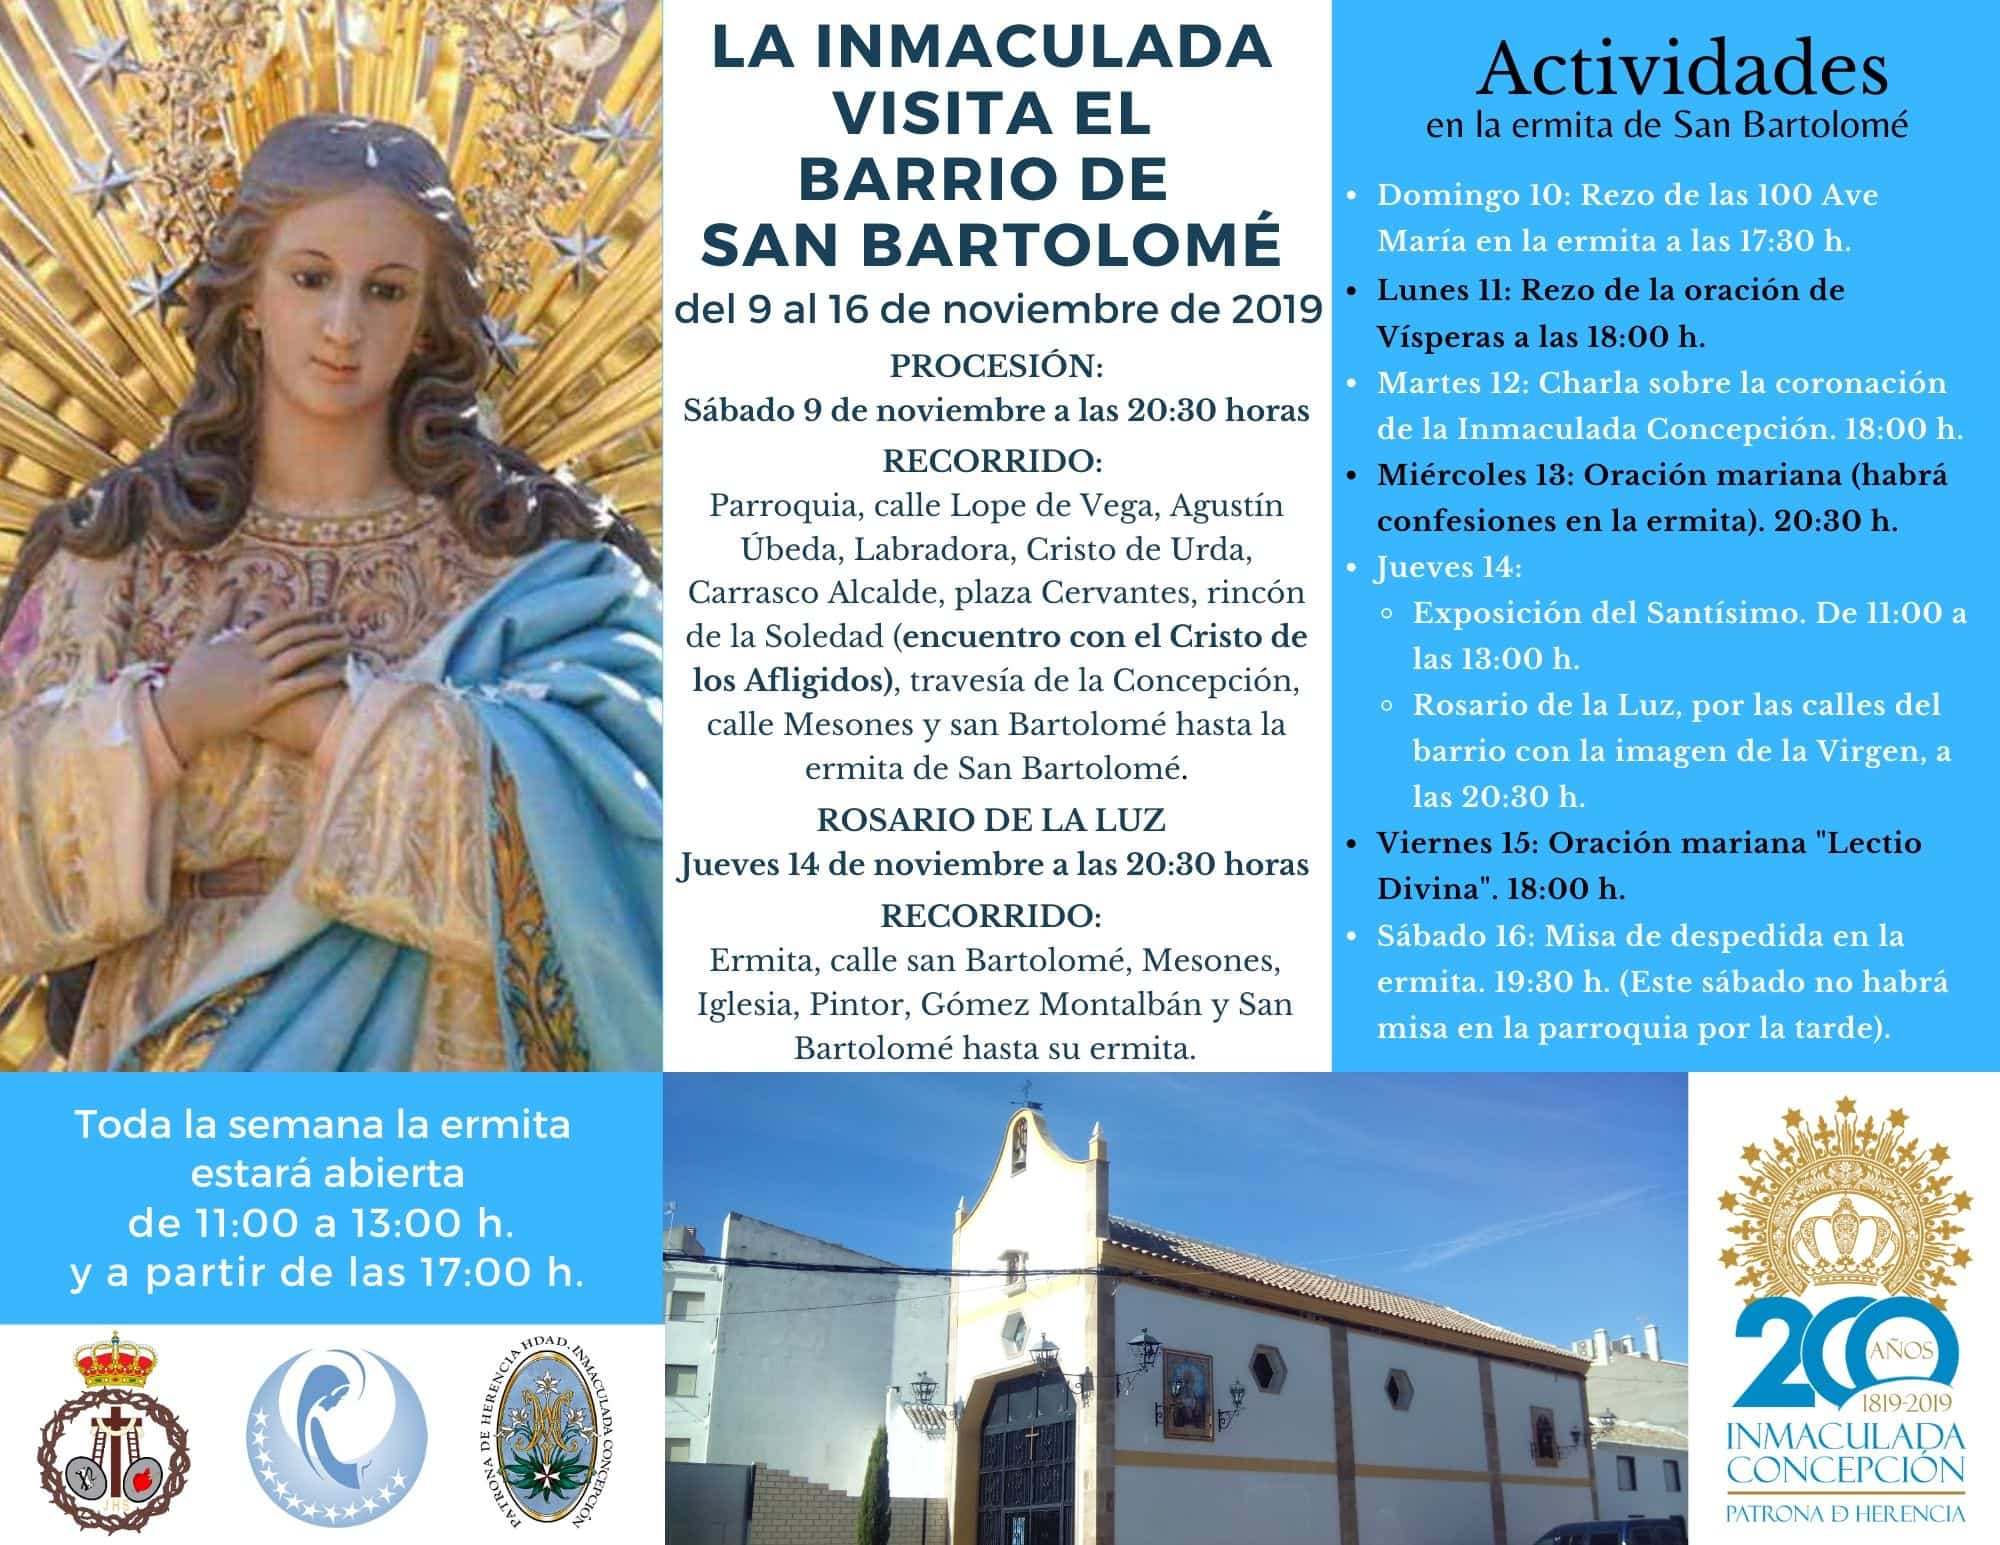 Inmaculada Santo - La Inmaculada visita el barrio de San Bartolomé